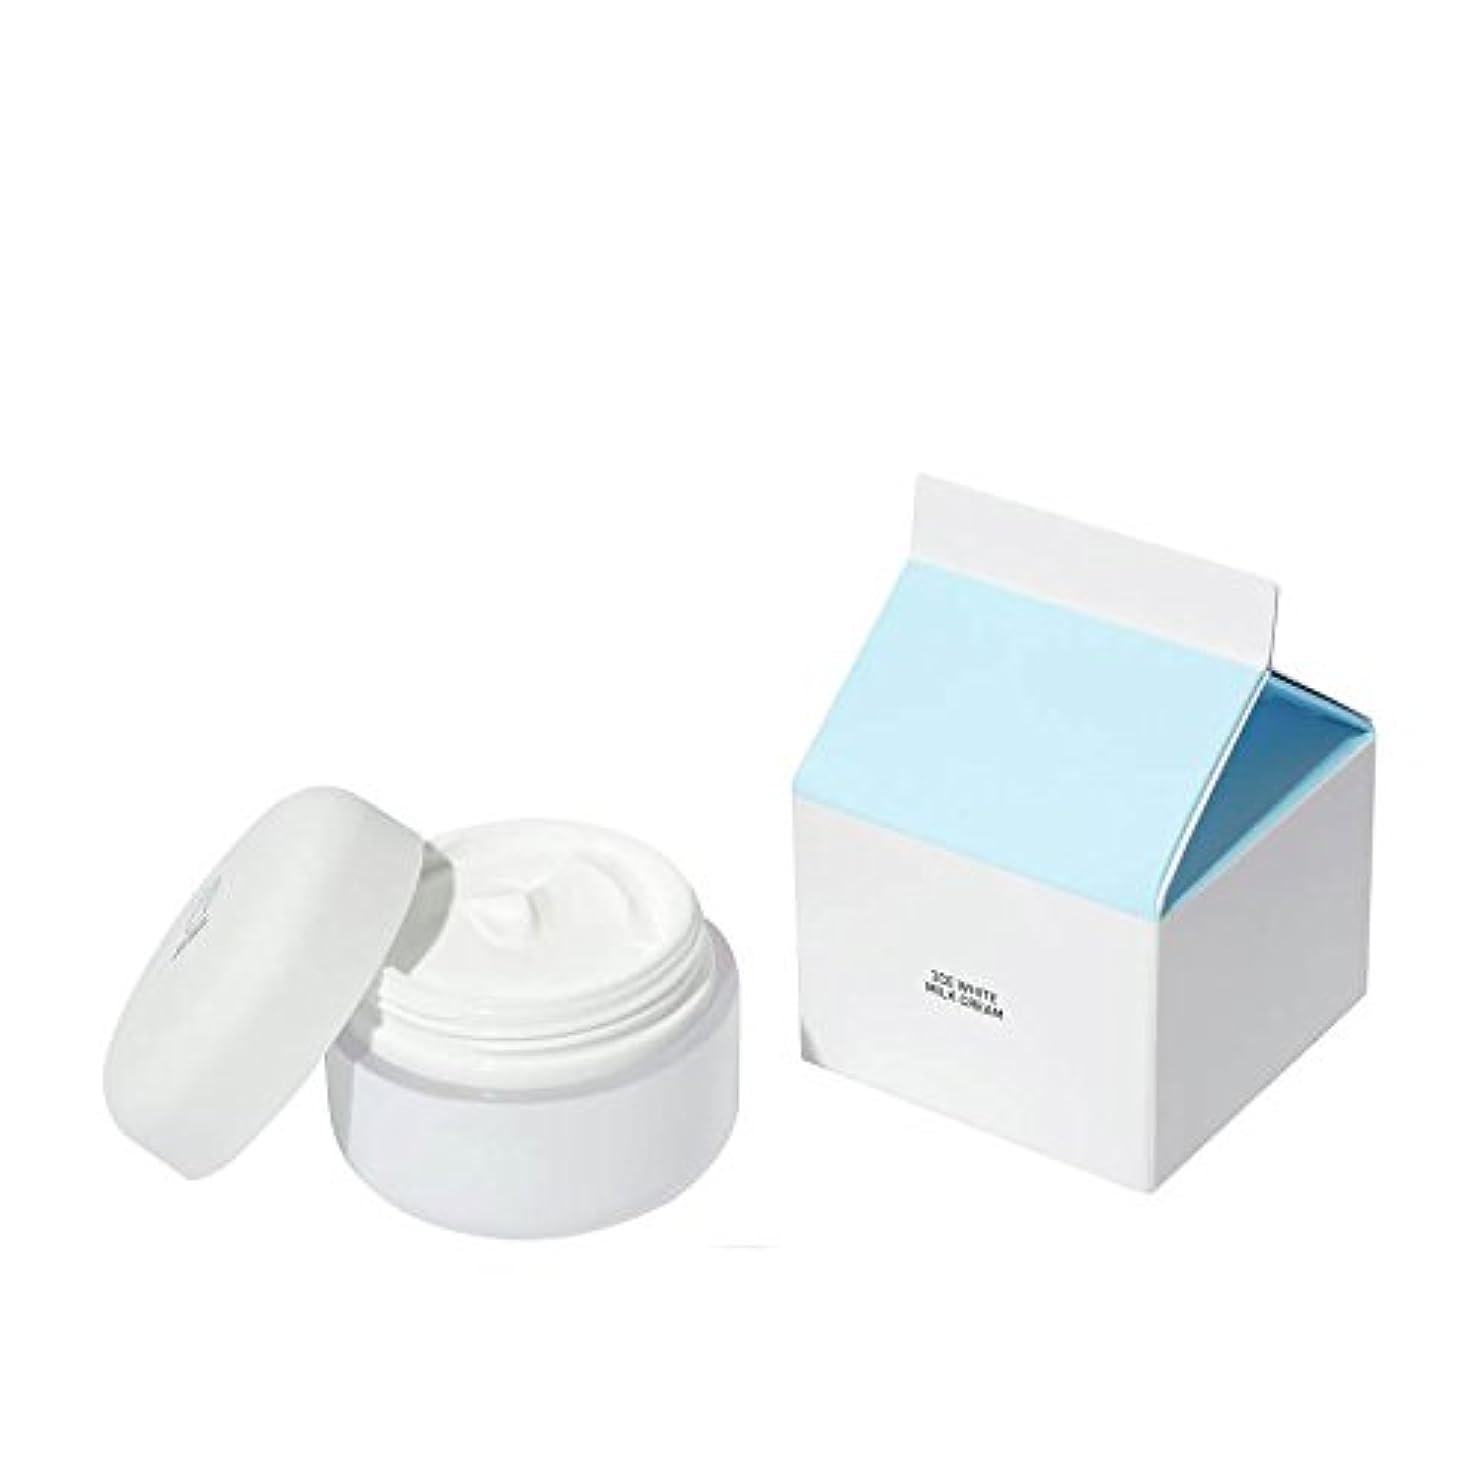 締める素朴ないっぱい[3CE] ホワイトミルククリーム(White Milk Cream) 50g